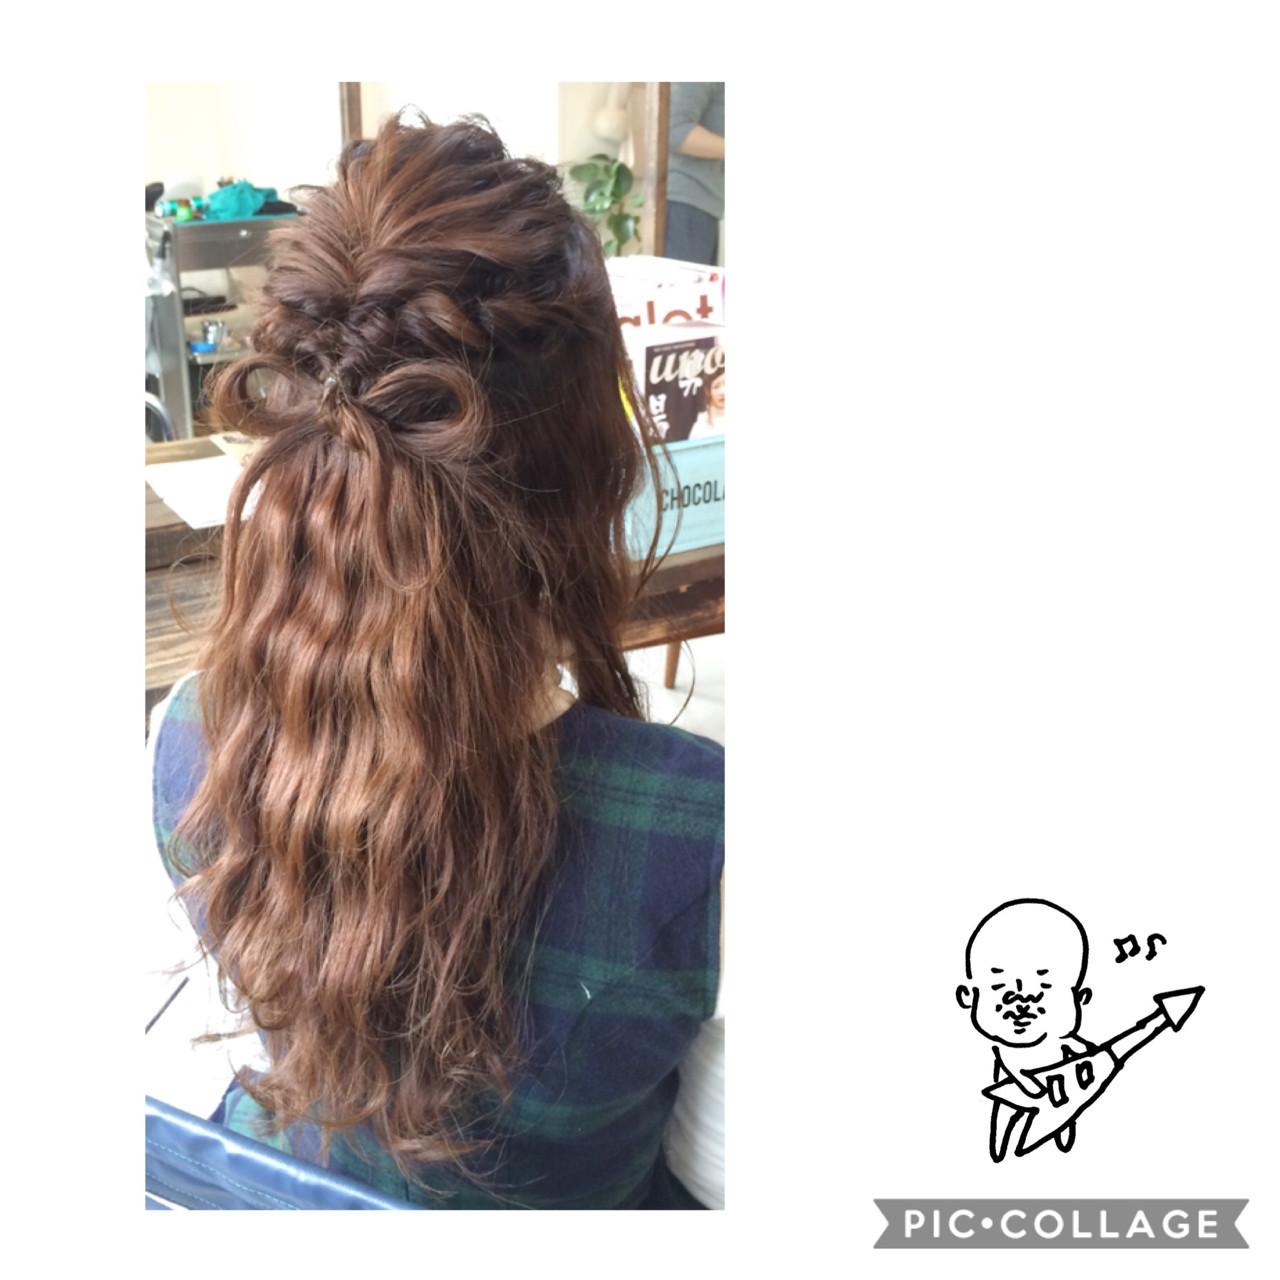 ヘアアレンジ ロング ハーフアップ ヘアスタイルや髪型の写真・画像